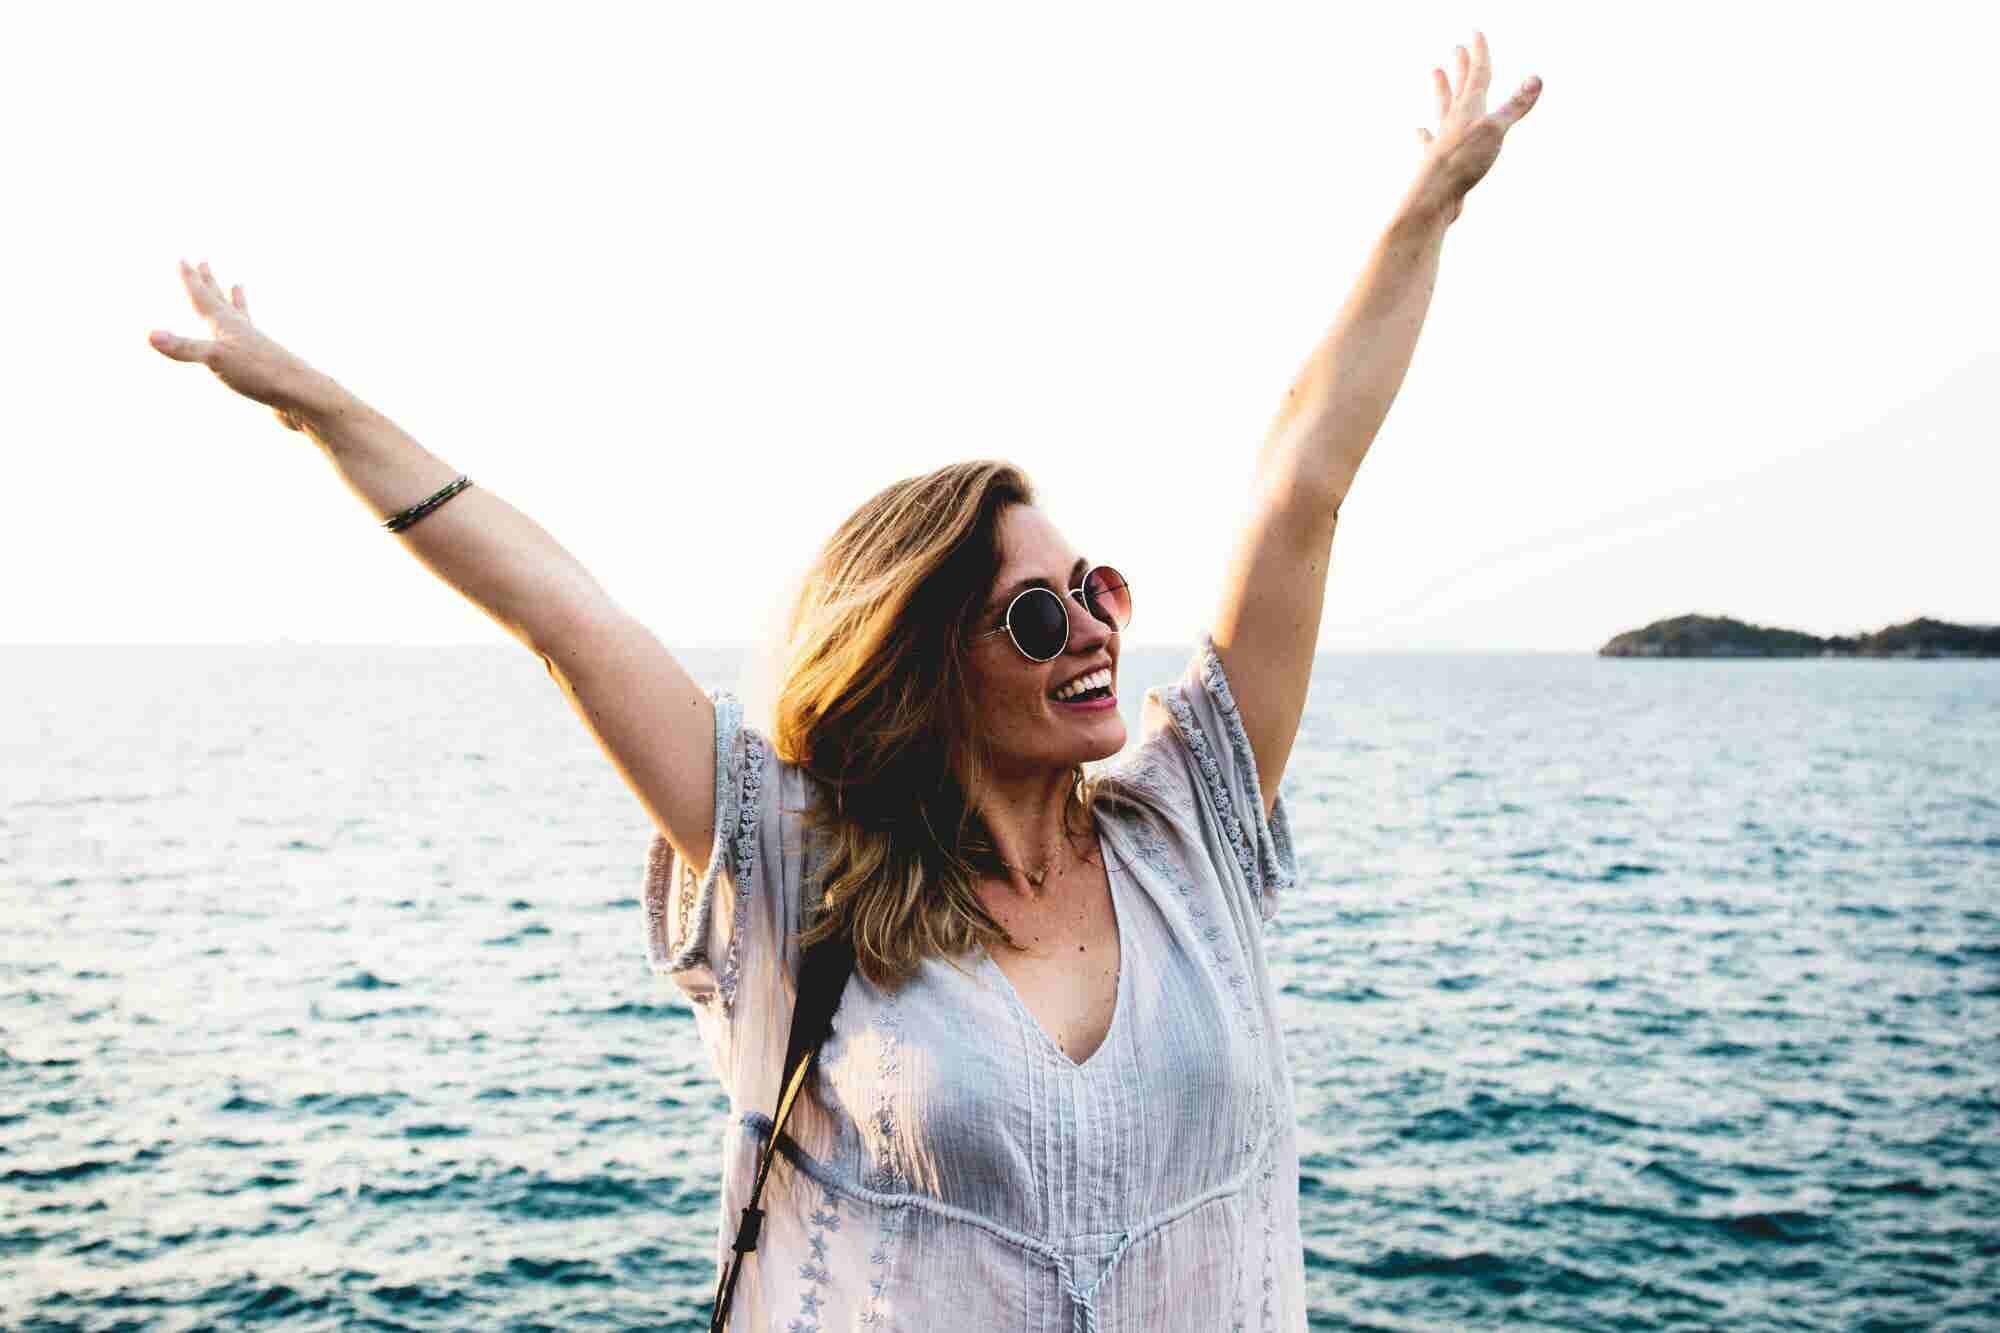 Si fue una de 'esas' semanas, te dejamos 5 tips para recuperar tu energía